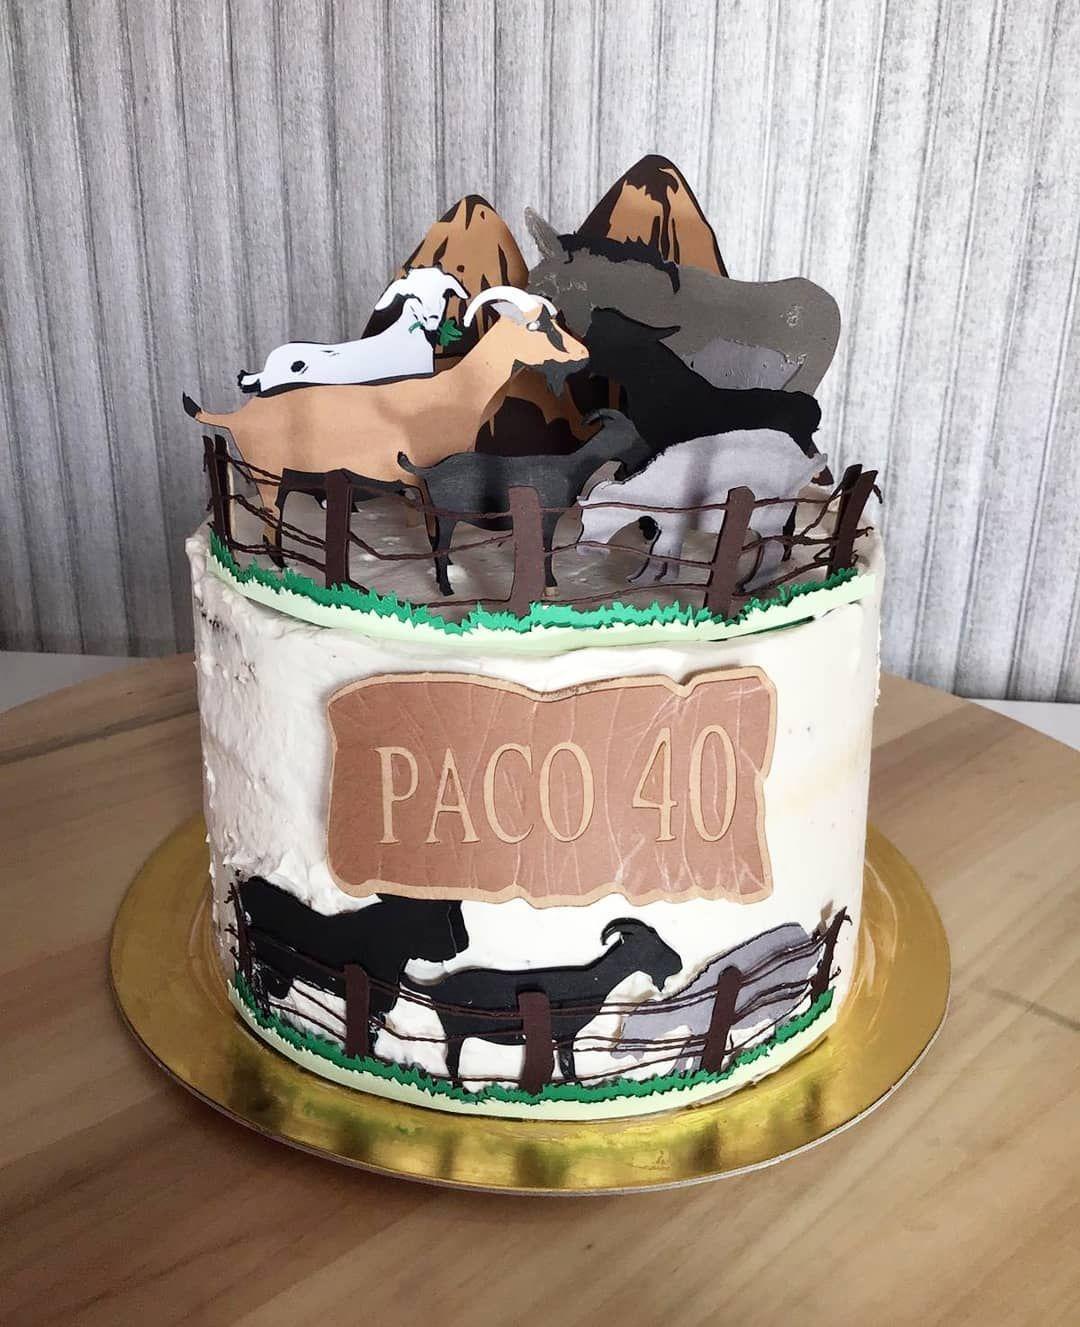 Cake Topper Caprino Hoy Paco Cumple 40 Anos Las